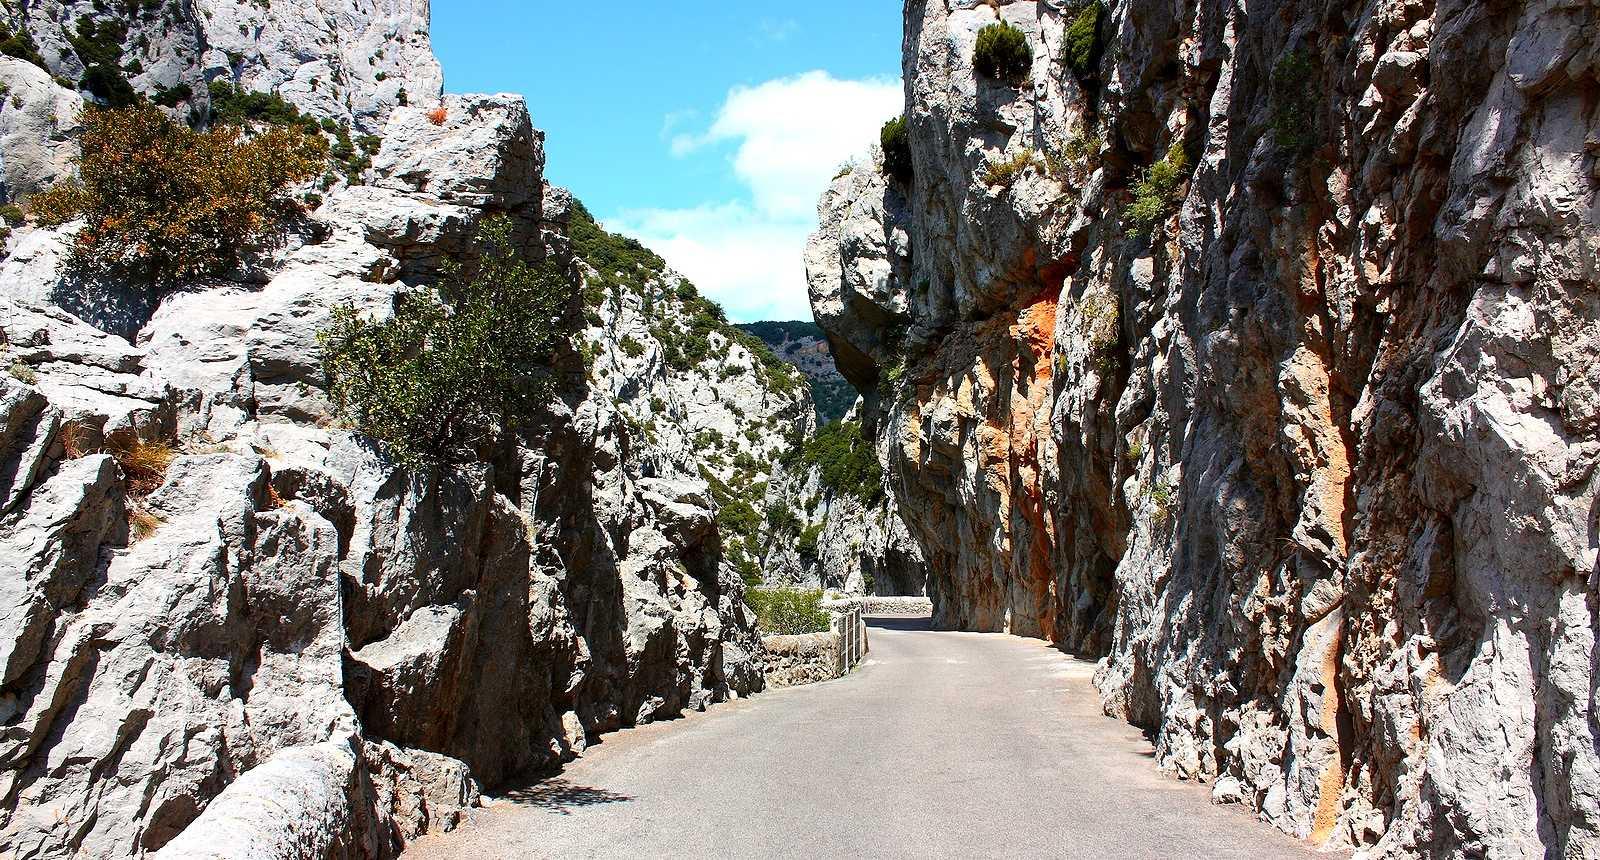 Gorges de galamus saint paul de fenouillet 66220 - Saint paul de fenouillet office de tourisme ...